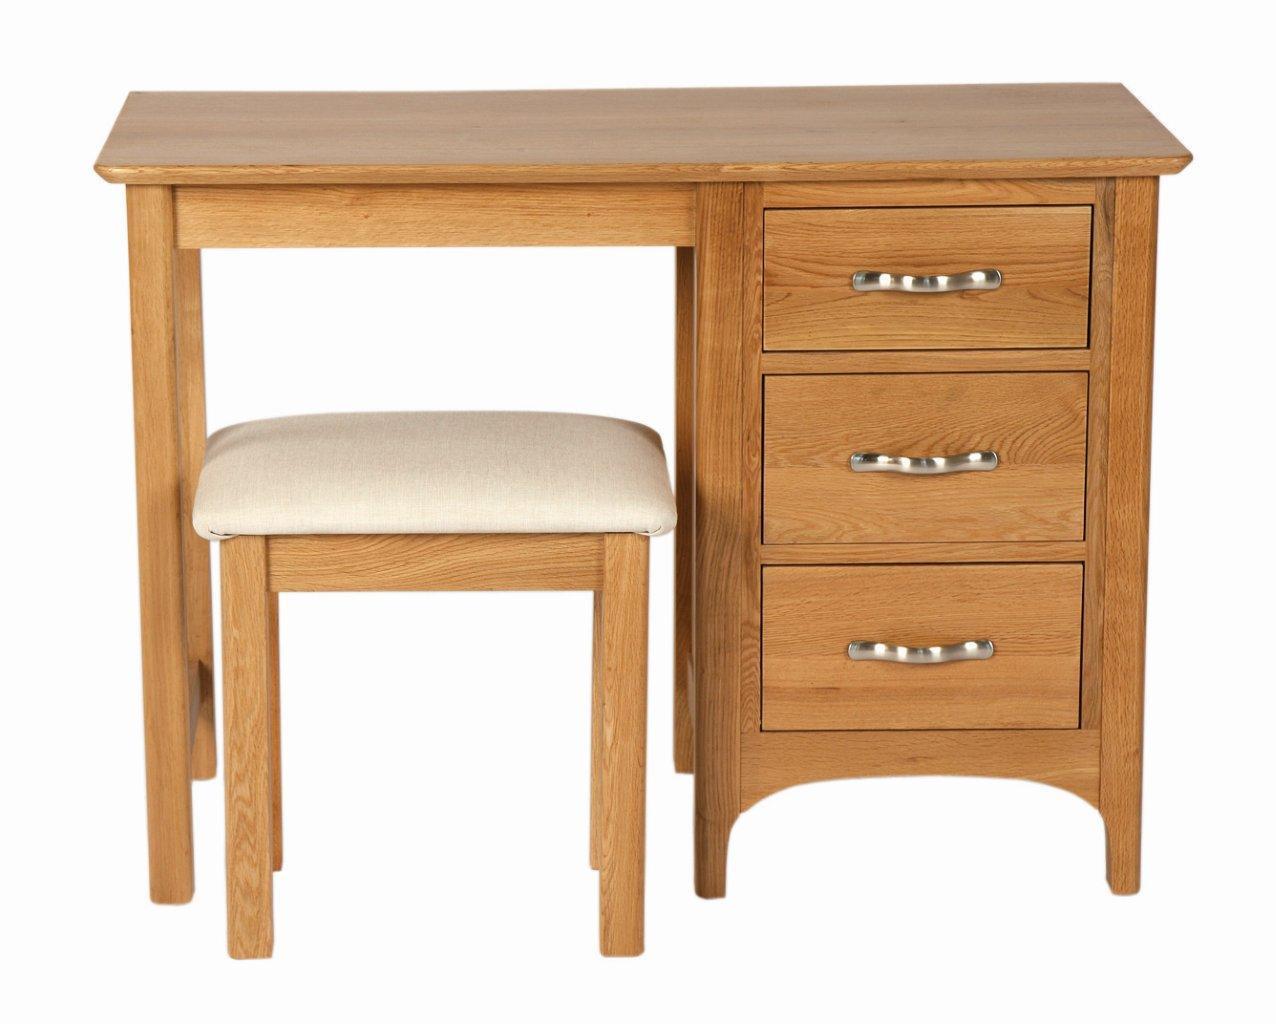 Het stevige eiken meubilair van de slaapkamer van wooden van de kruk van wth van de toilettafel - Meubilair van de ingang spiegel ...